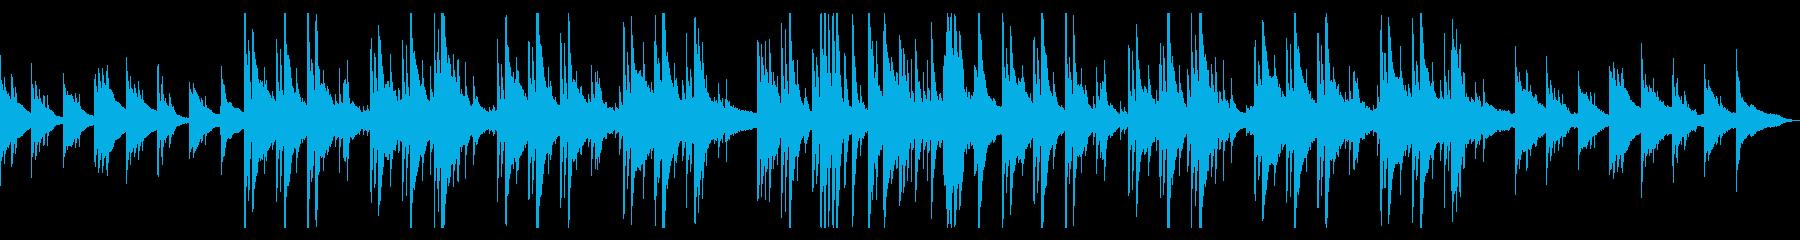 少し切なくどこか懐かしいアコギバラードの再生済みの波形